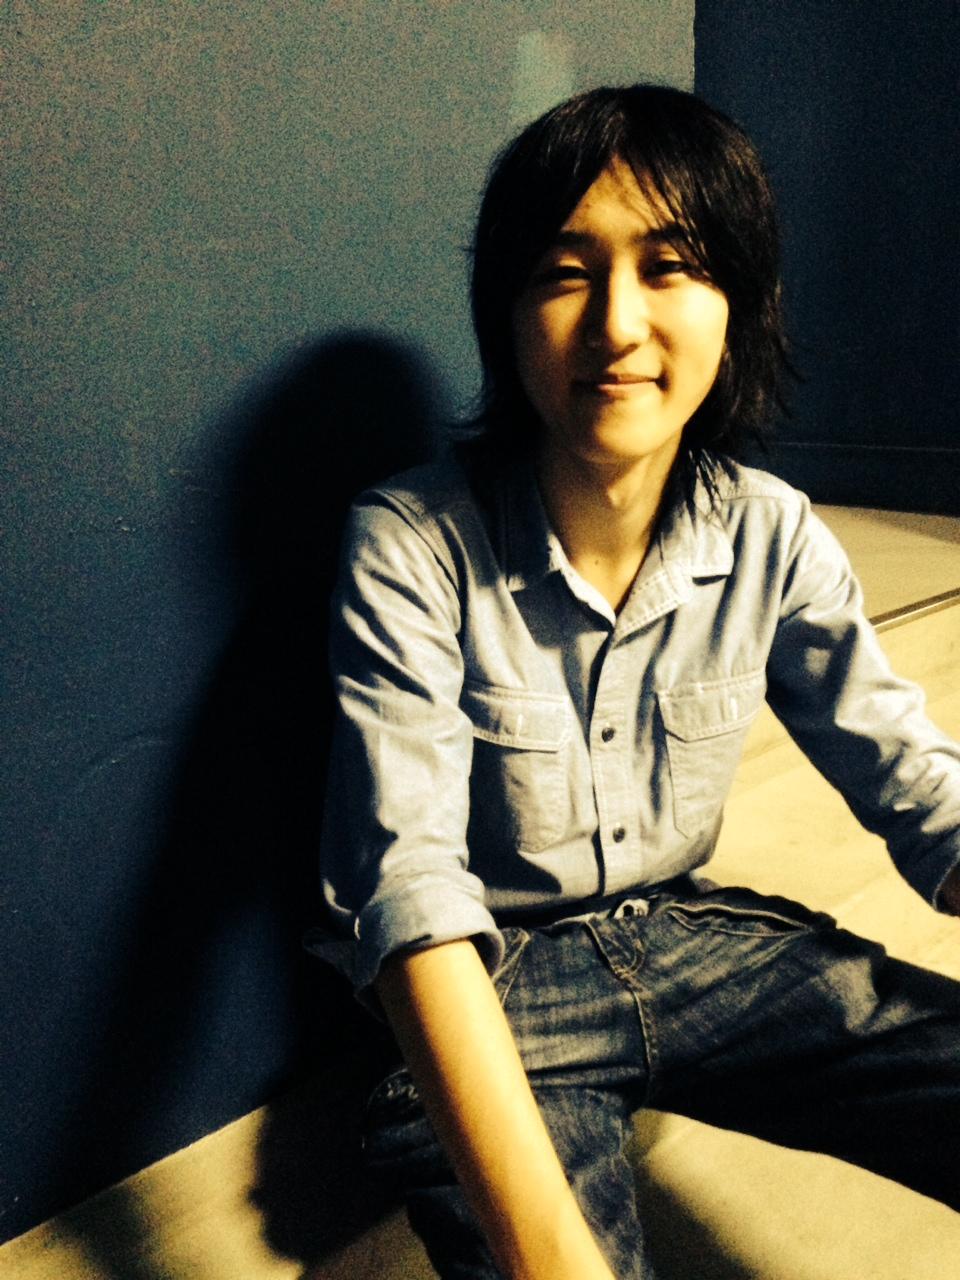 kiseki通信!!COMPANYインタビュー/米澤一輝_f0137346_23171799.jpg